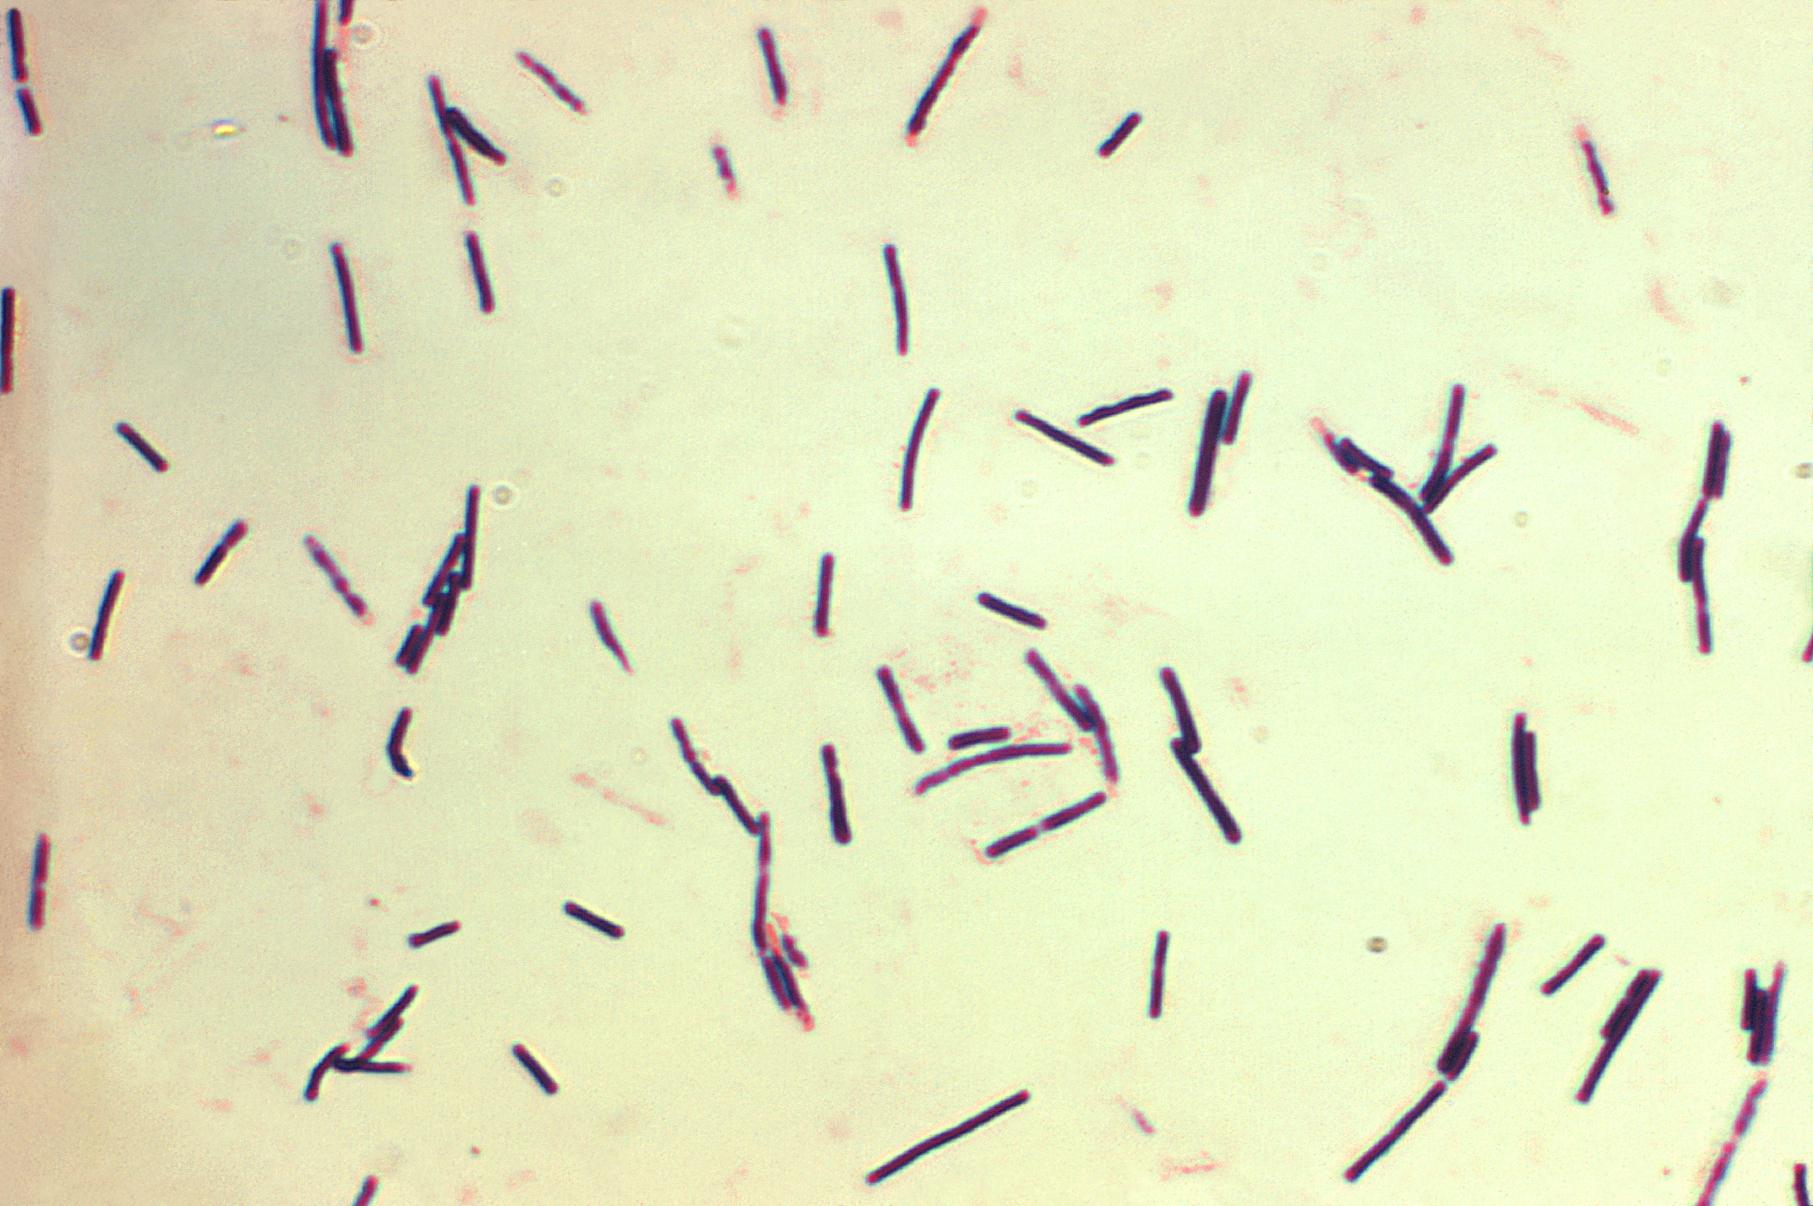 kerekféreg- fertőzés útjai hatékony készítmény a férgek széles skálájához